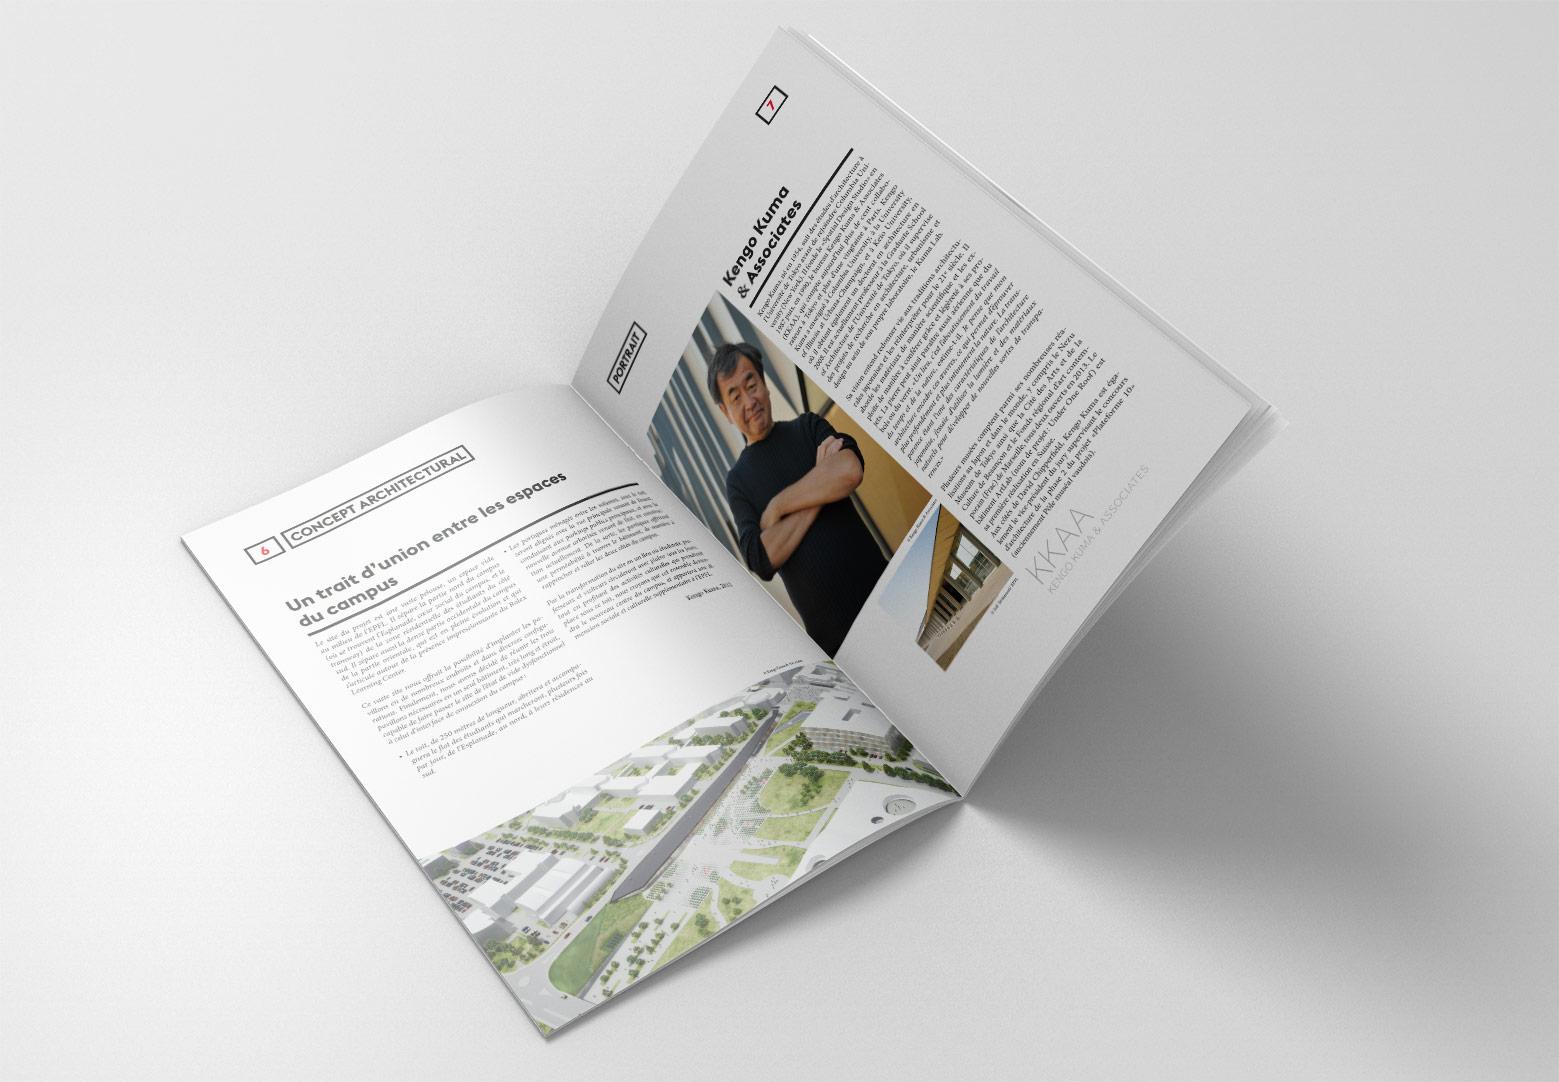 Dossier de Presse Bâtiment Artlab EPFL concept